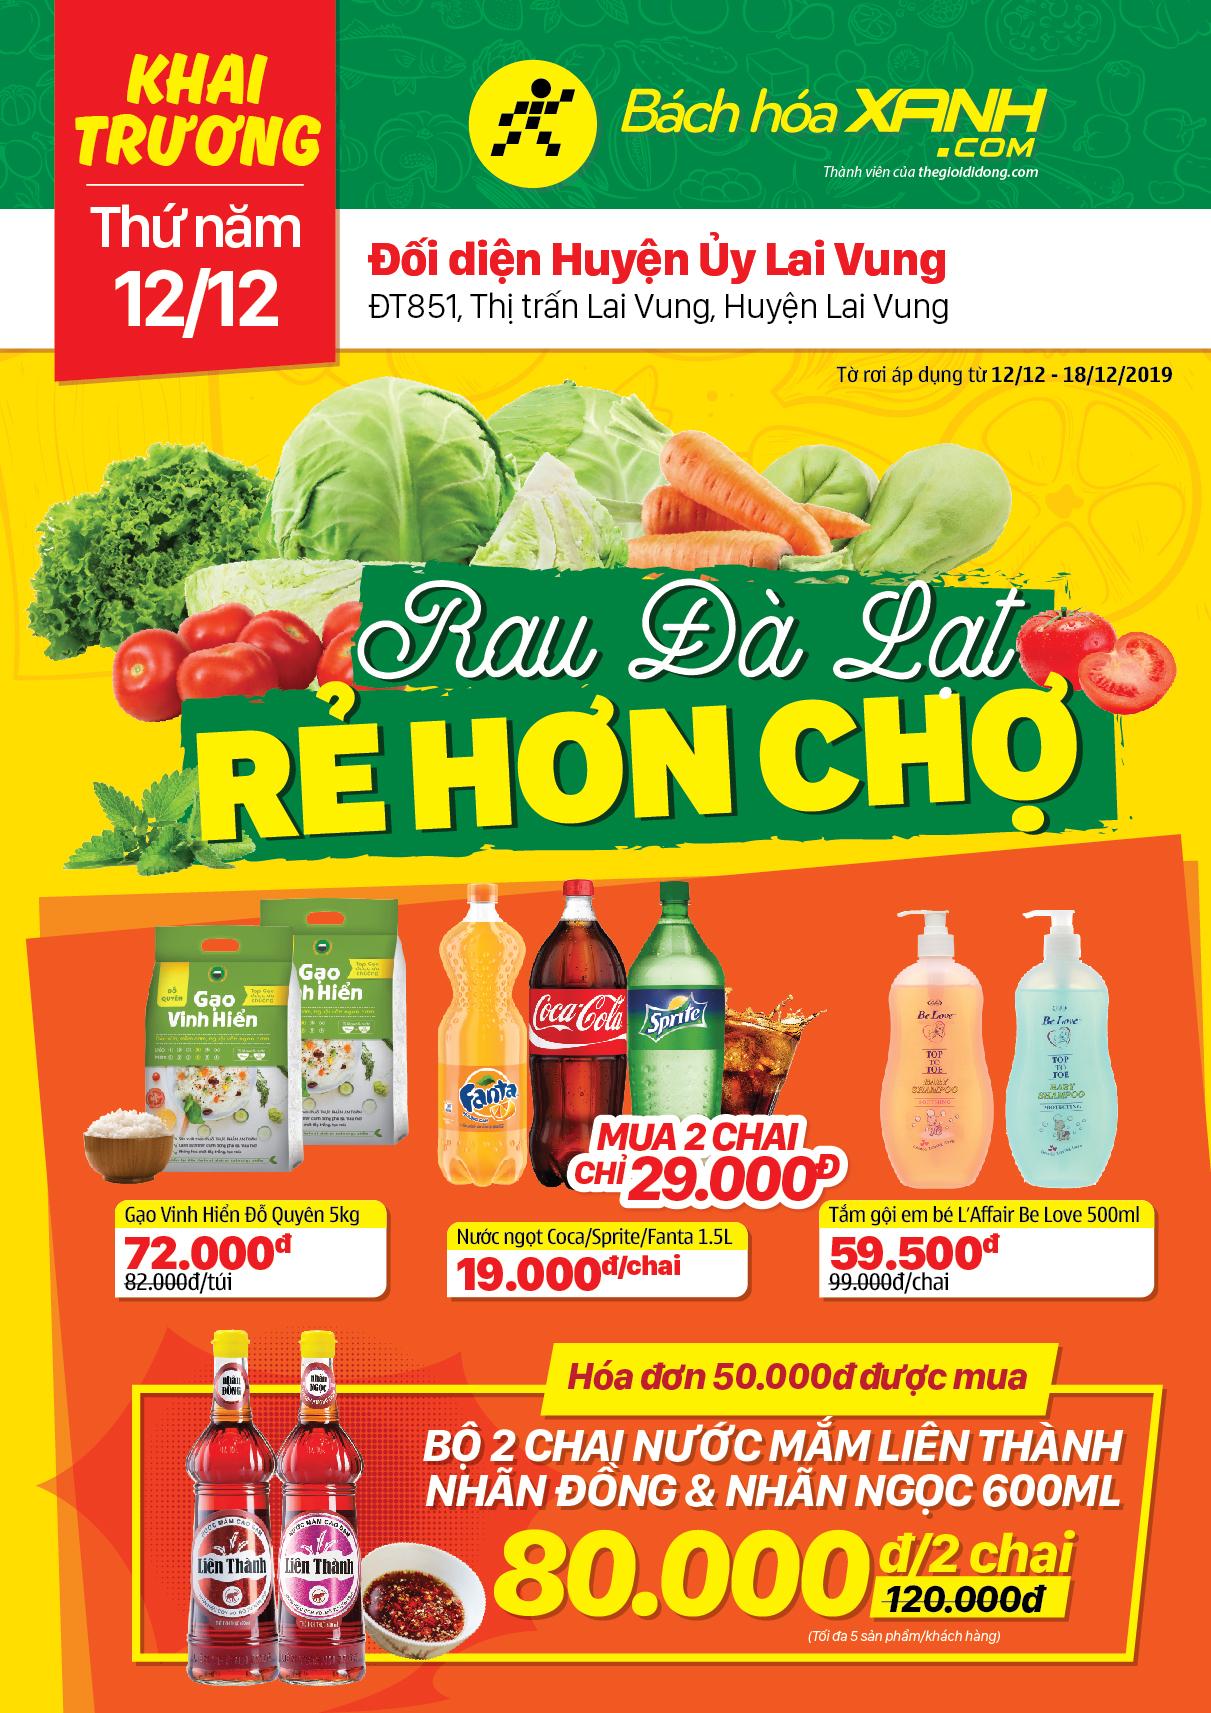 Cửa hàng Bách hoá XANH ĐT851, TT. Lai Vung khai trương 12/12/2019